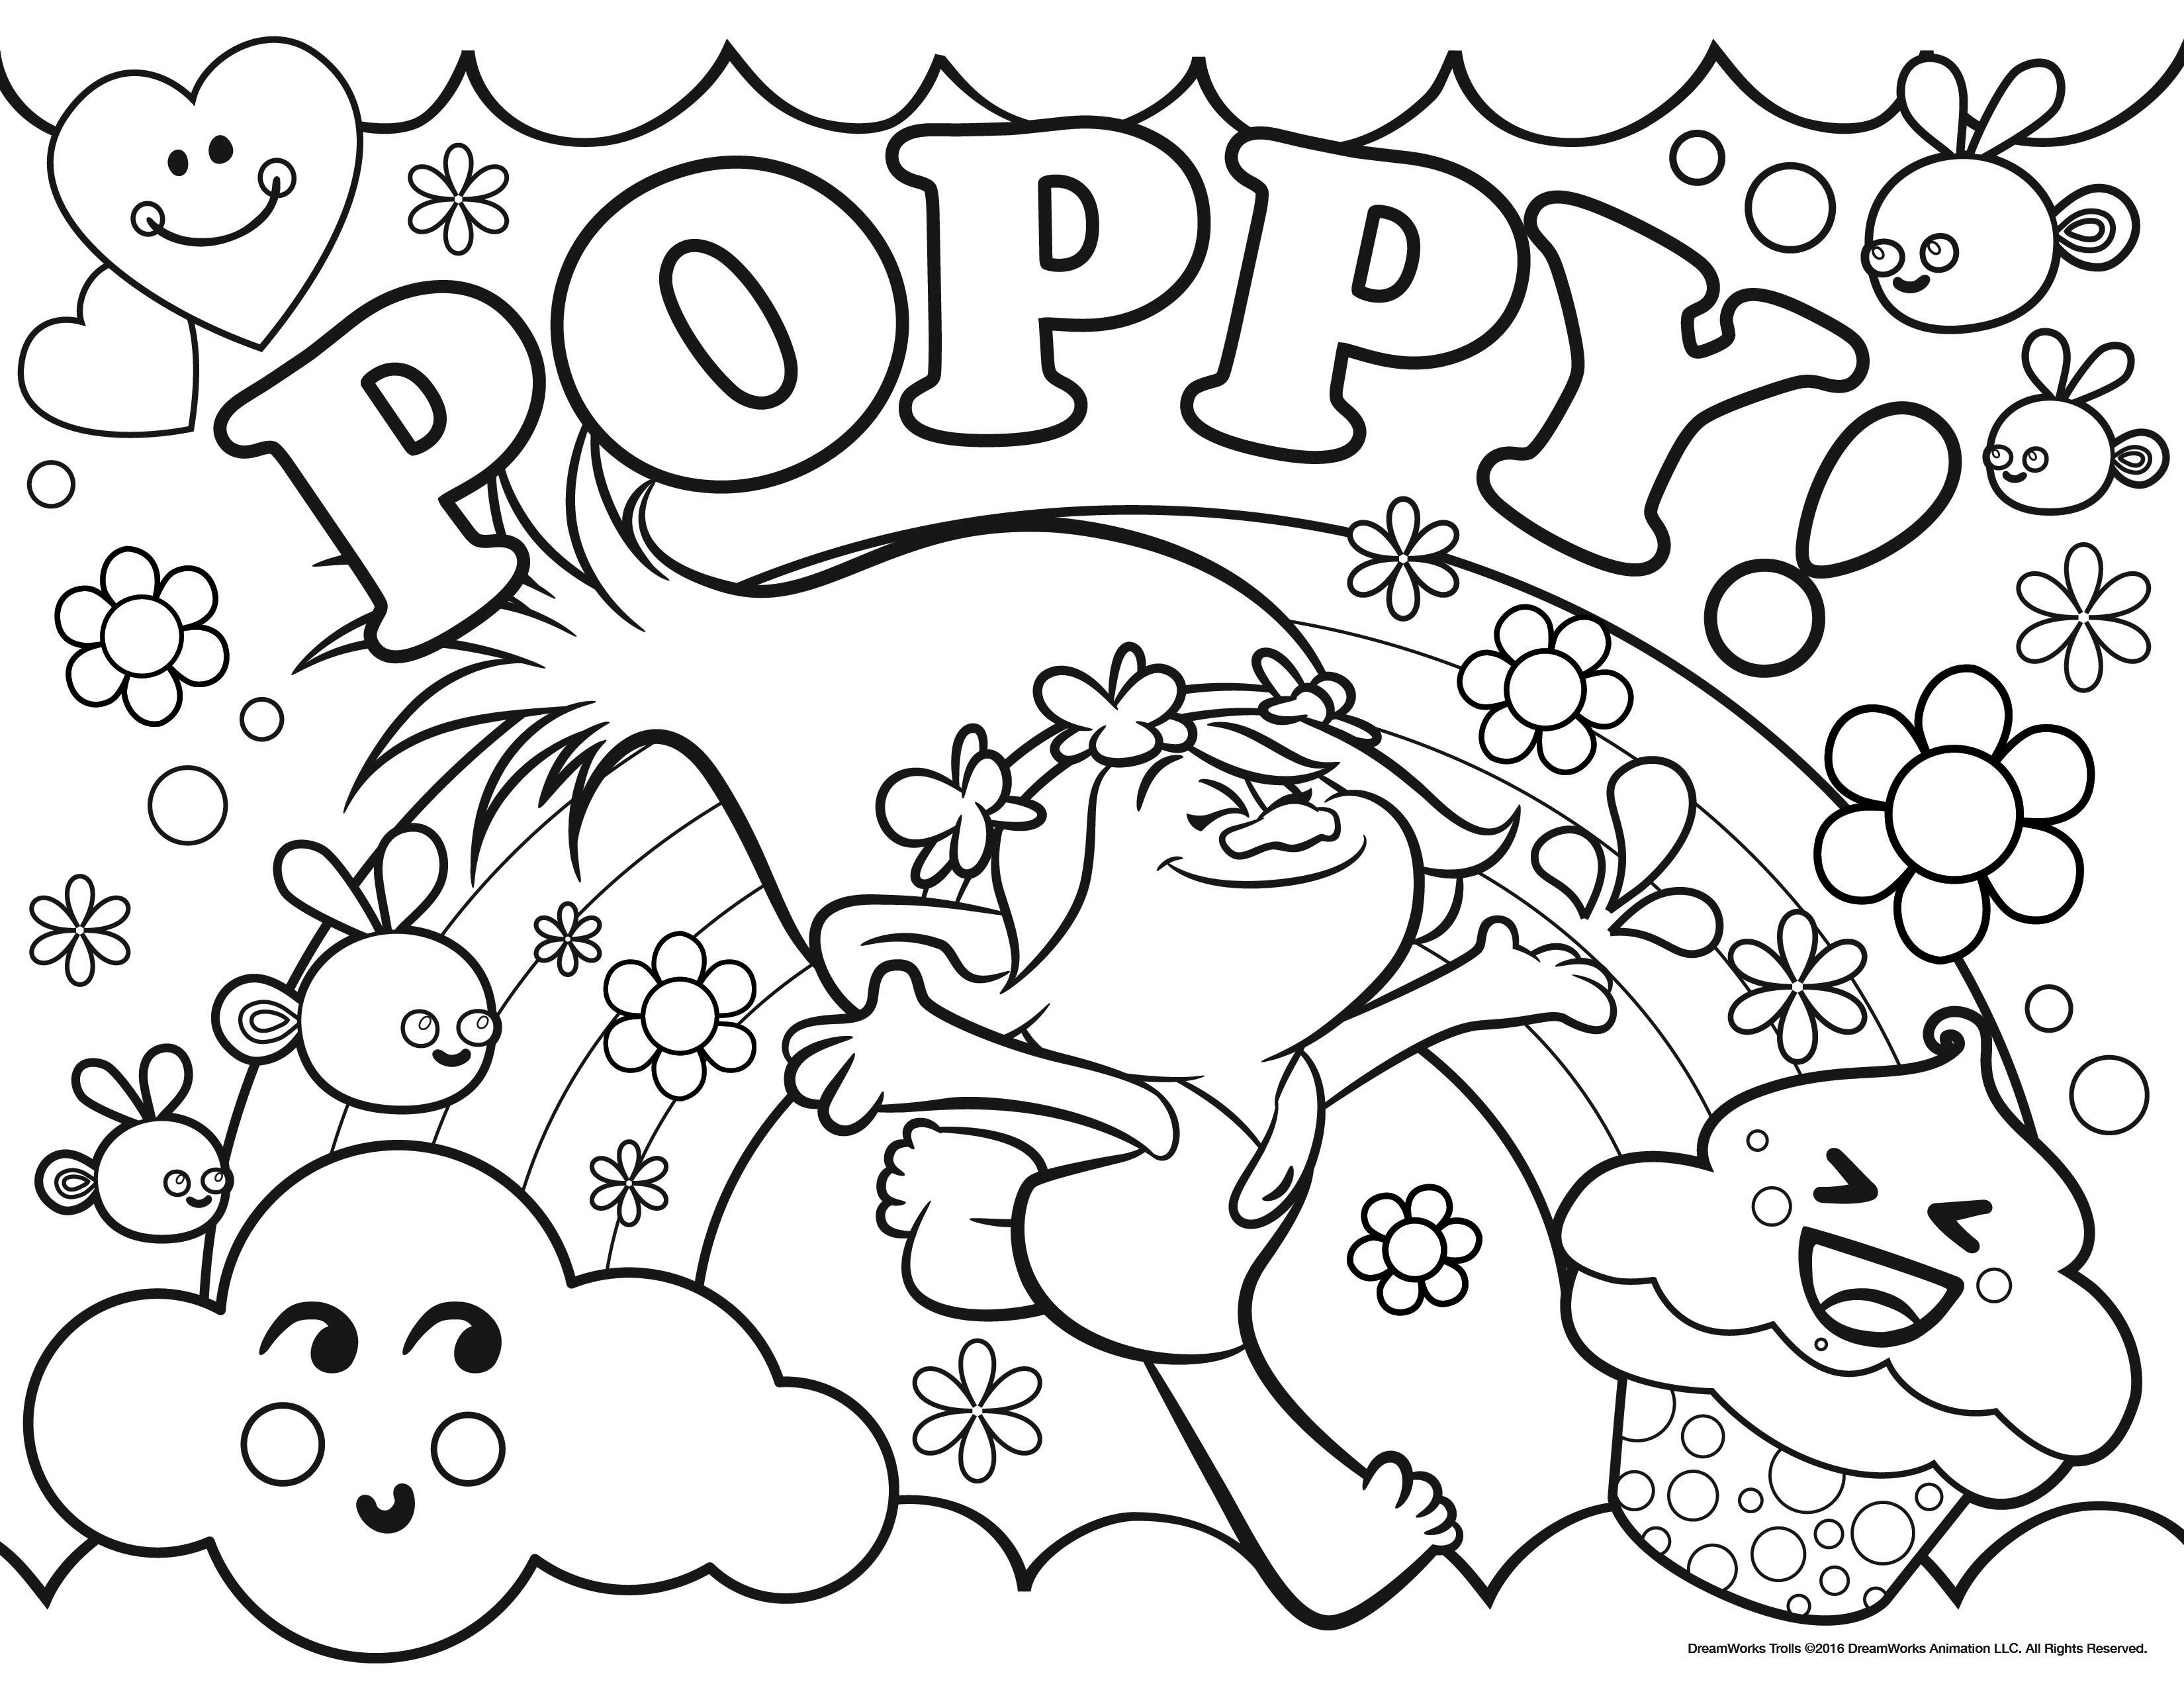 Coloriage les trolls coloriages pour enfants coloriage - Site de coloriage a imprimer ...